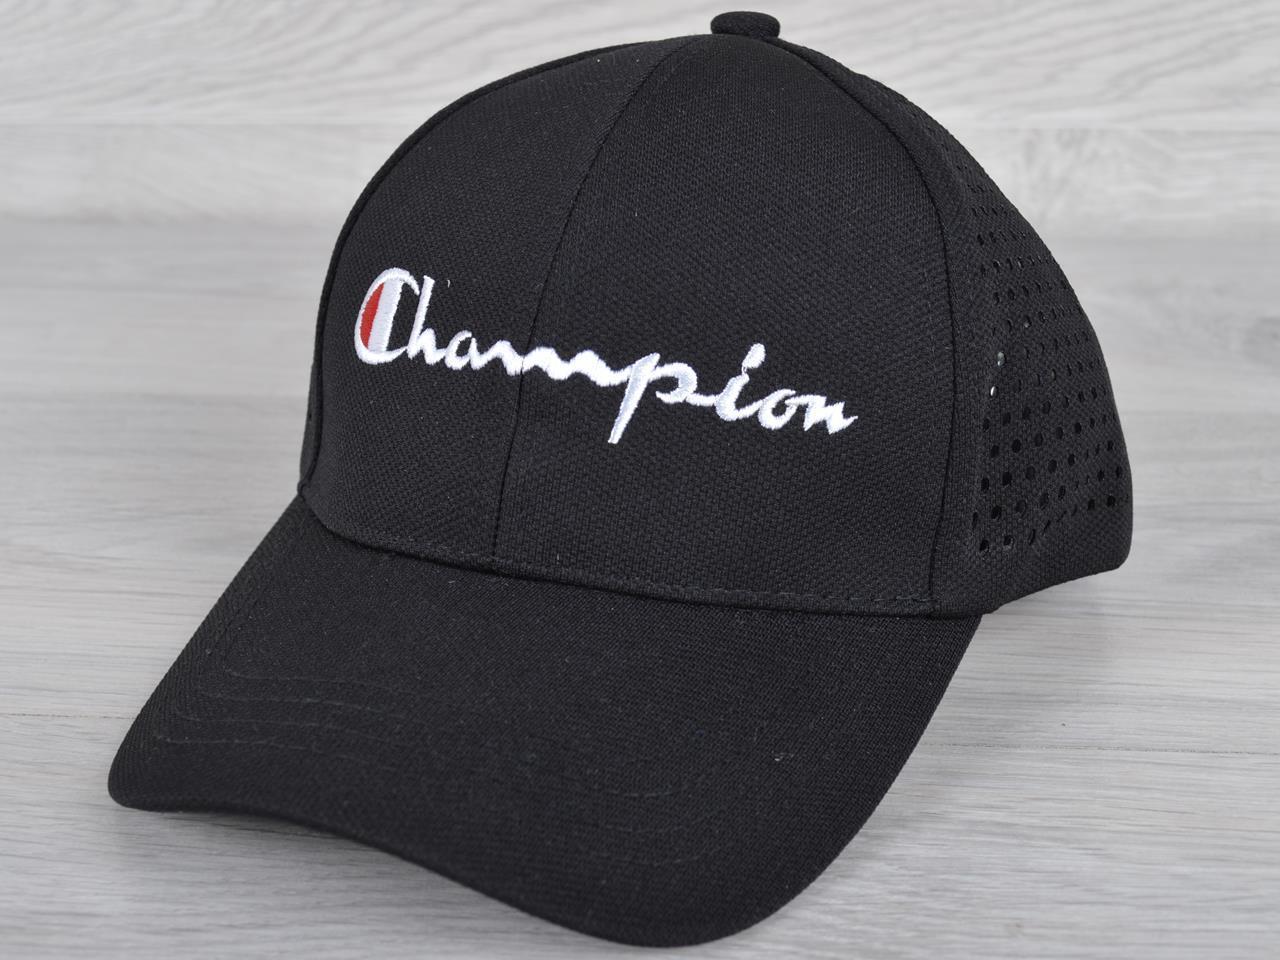 """Кепка мужская """"Champion"""". Размер 57-59 см. Черная с перфорацией. Оптом и в розницу."""